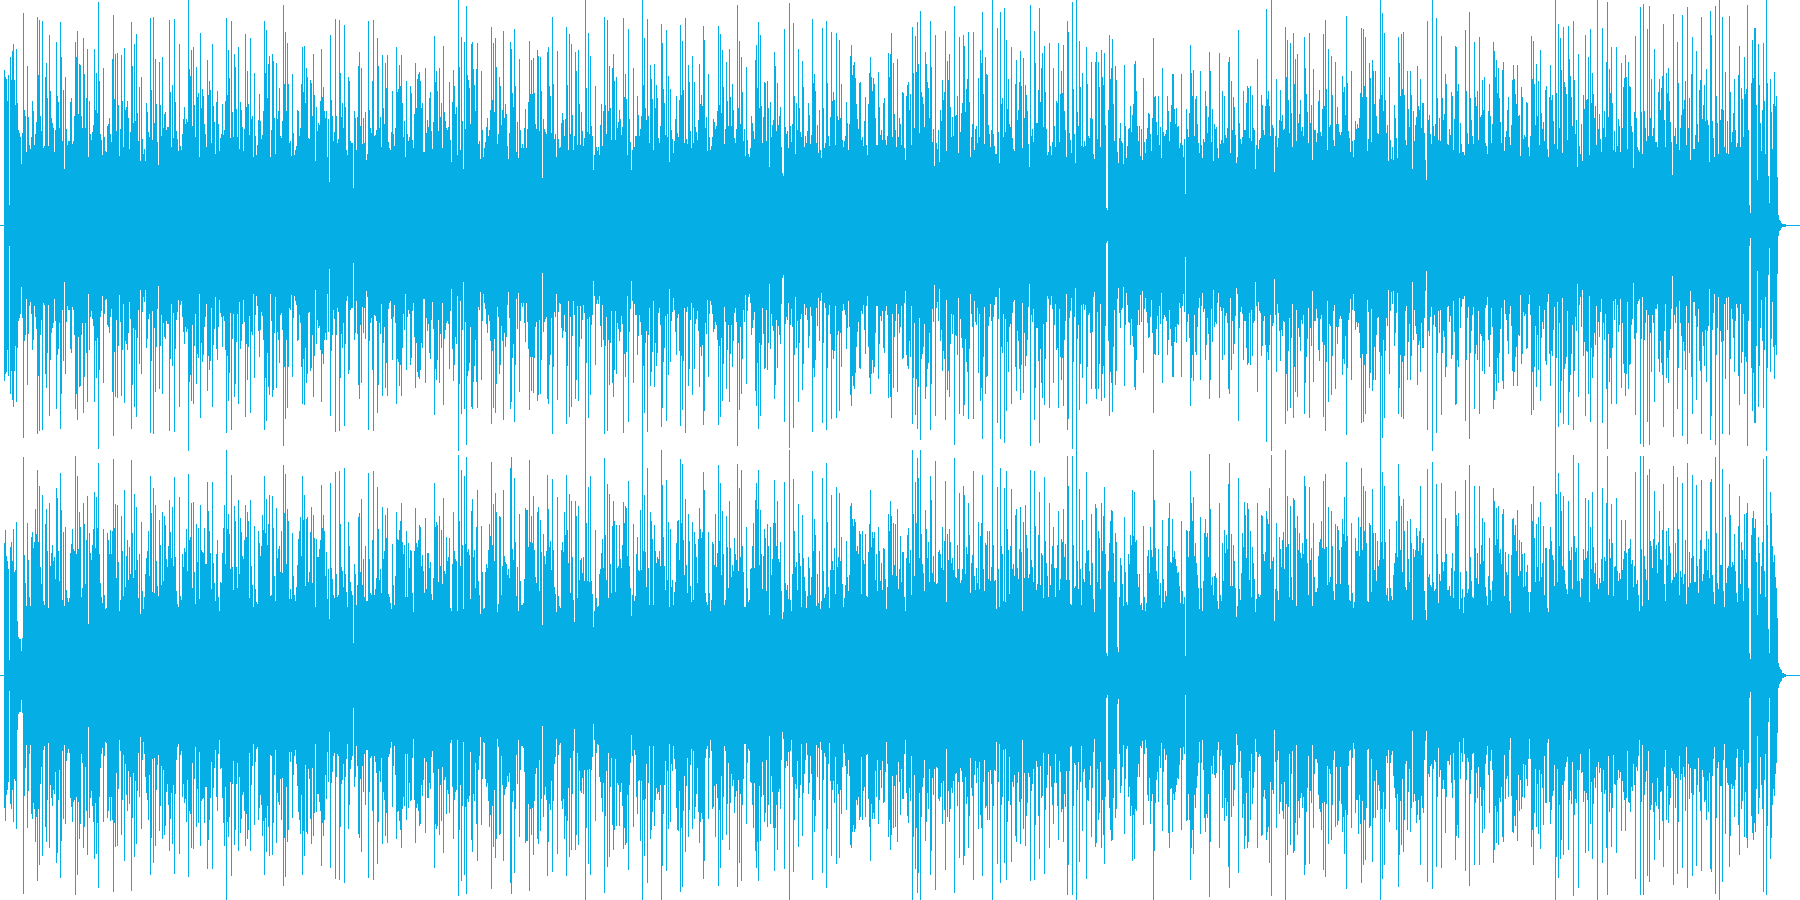 ゲームにぴったりのピコピコミュージックの再生済みの波形